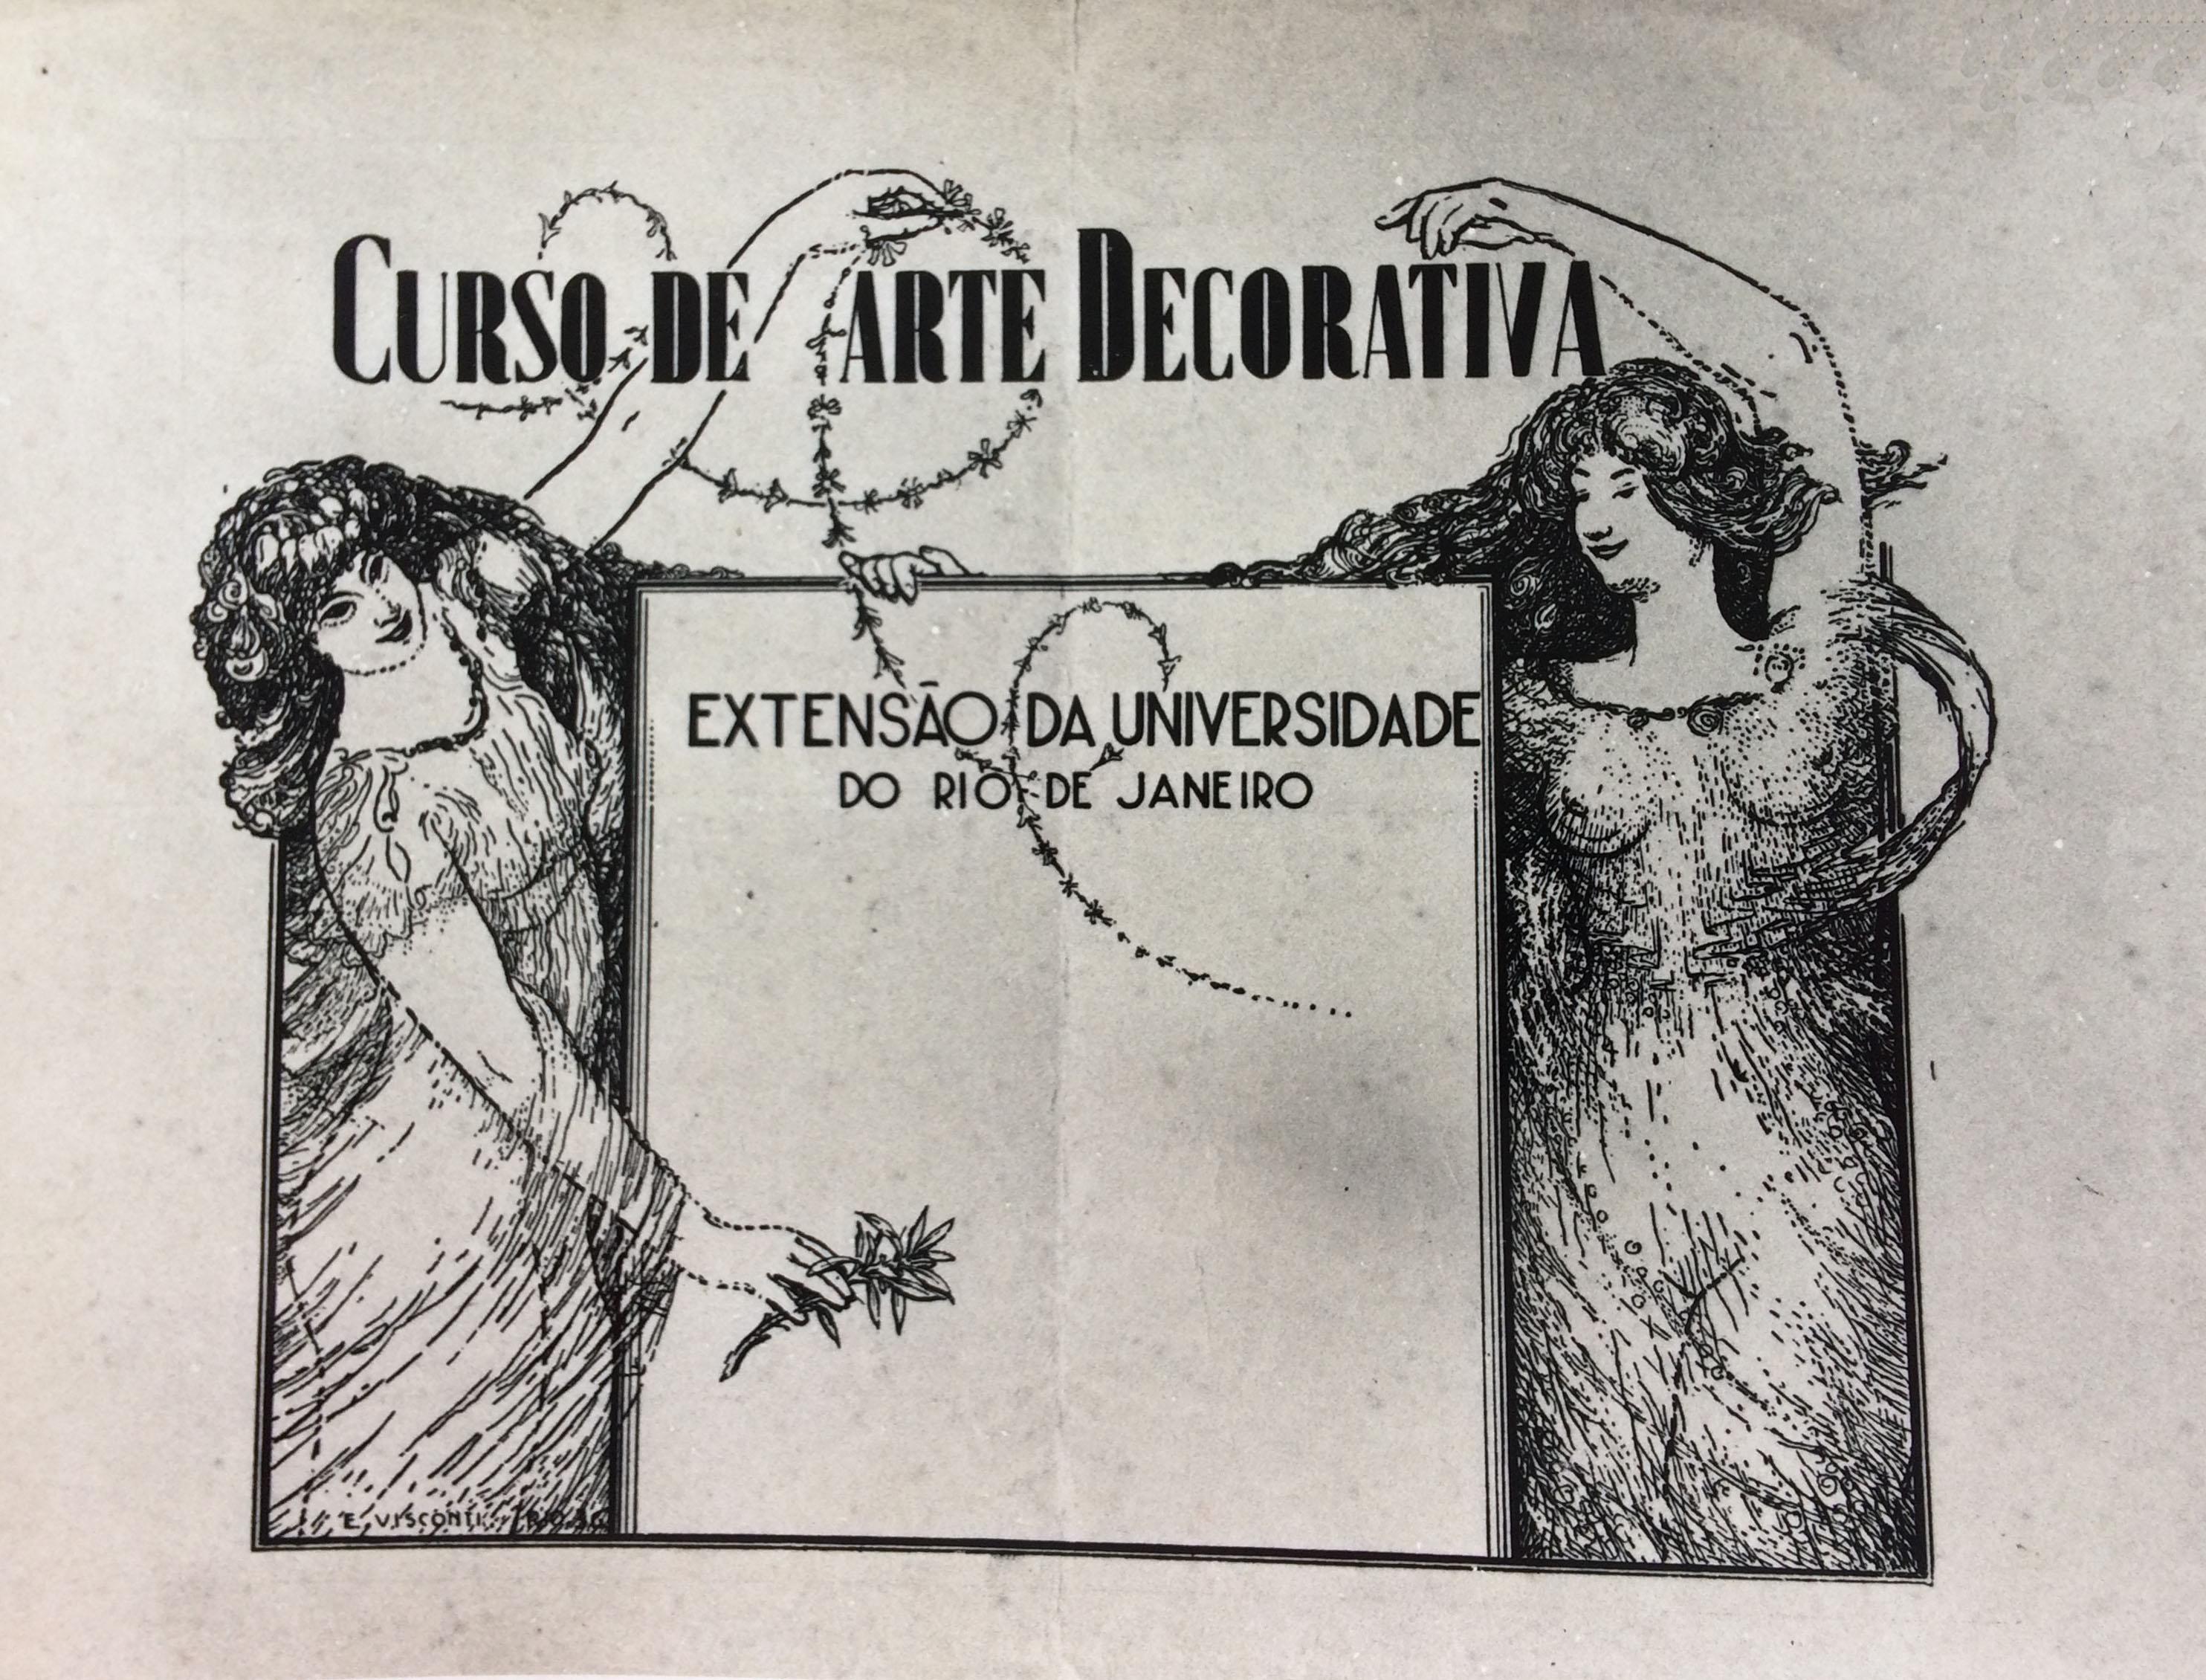 CARTAZ DO CURSO DE ARTE DECORATIVA DE VISCONTI - NANQUIM/PAPEL - 1936 - COLEÇÃO PARTICULAR